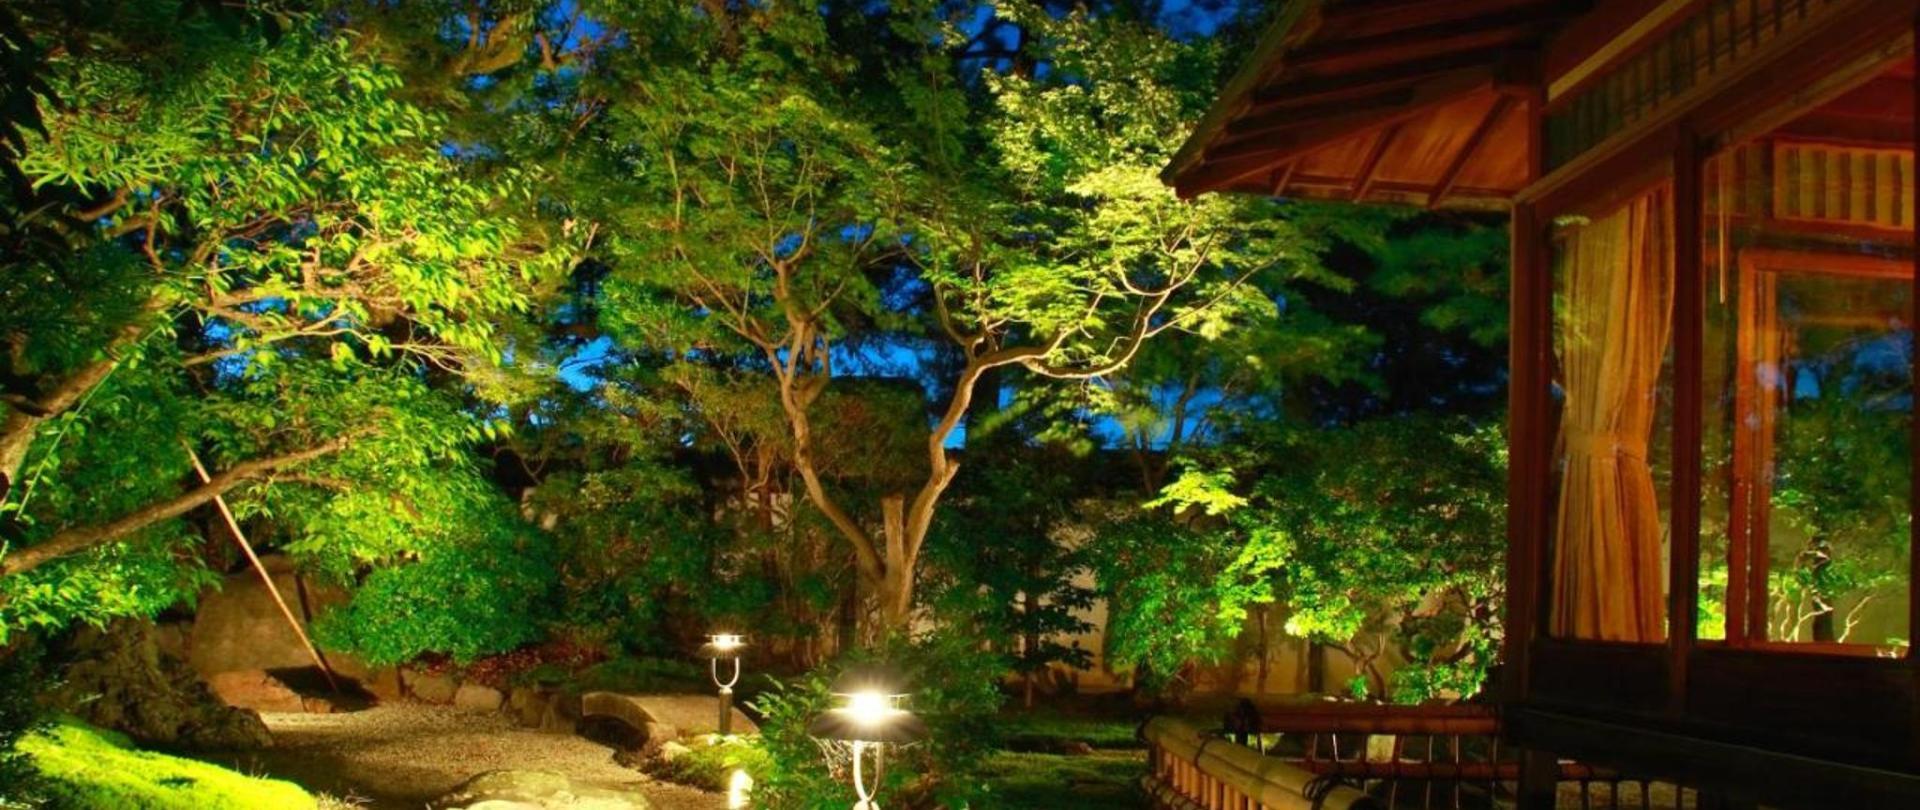 【竹の間】本館8帖+8帖+広縁6帖+庭園露天風呂(一階庭側)